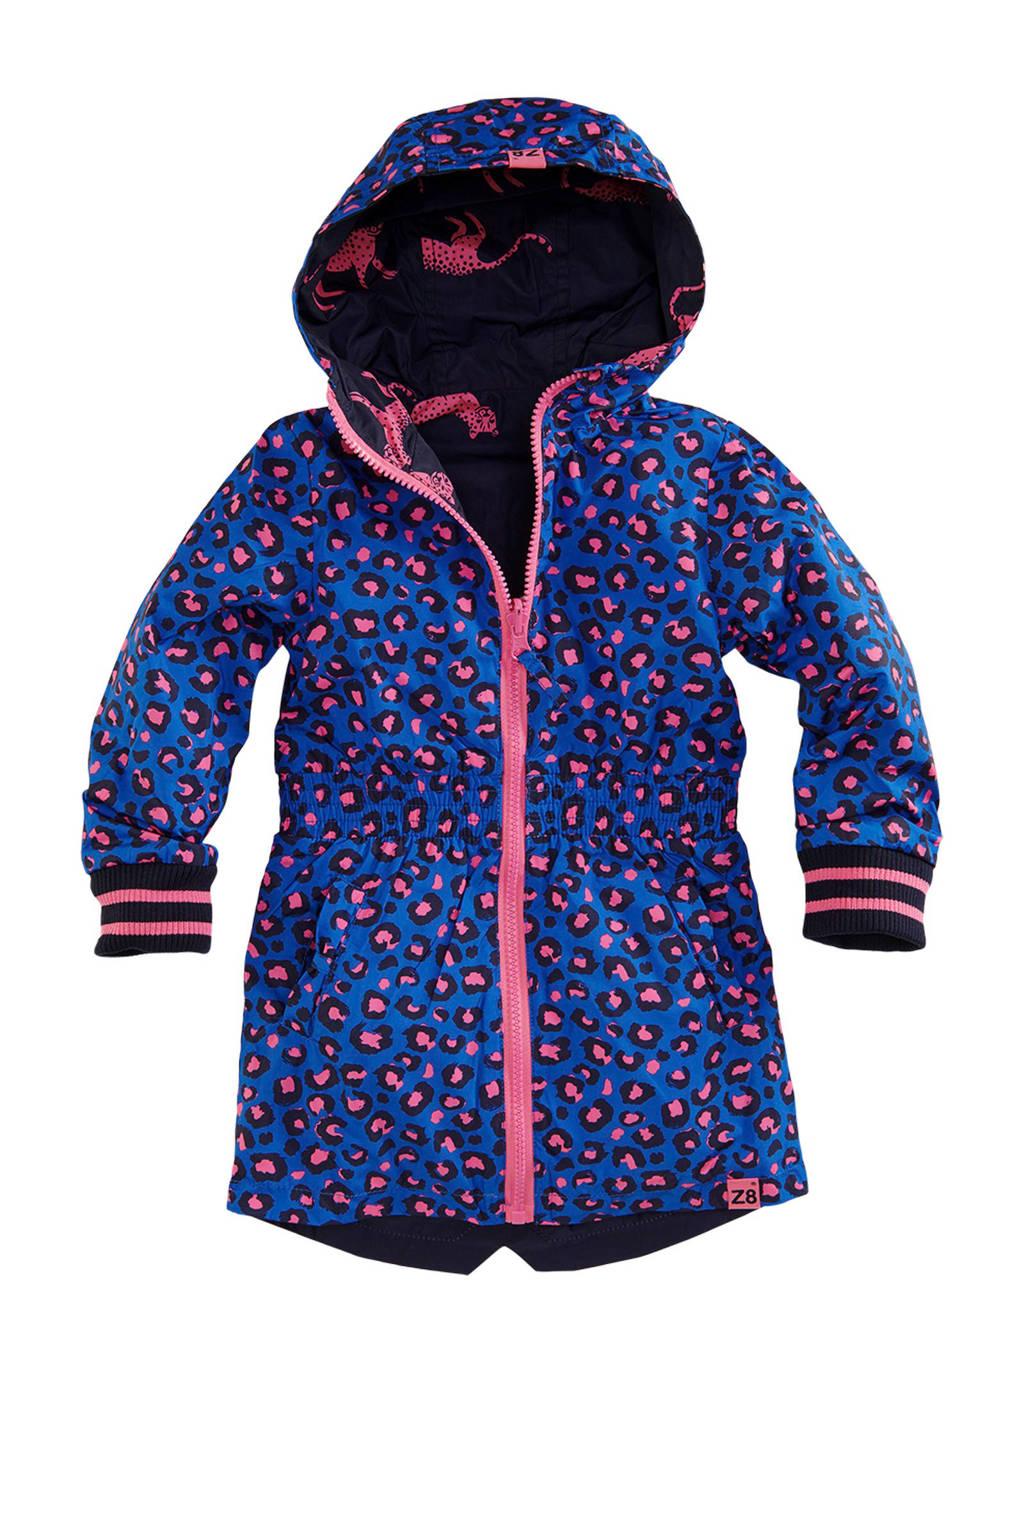 Z8 omkeerbare zomerjas Vera met panters en panterprint blauw, Donkerblauw/roze